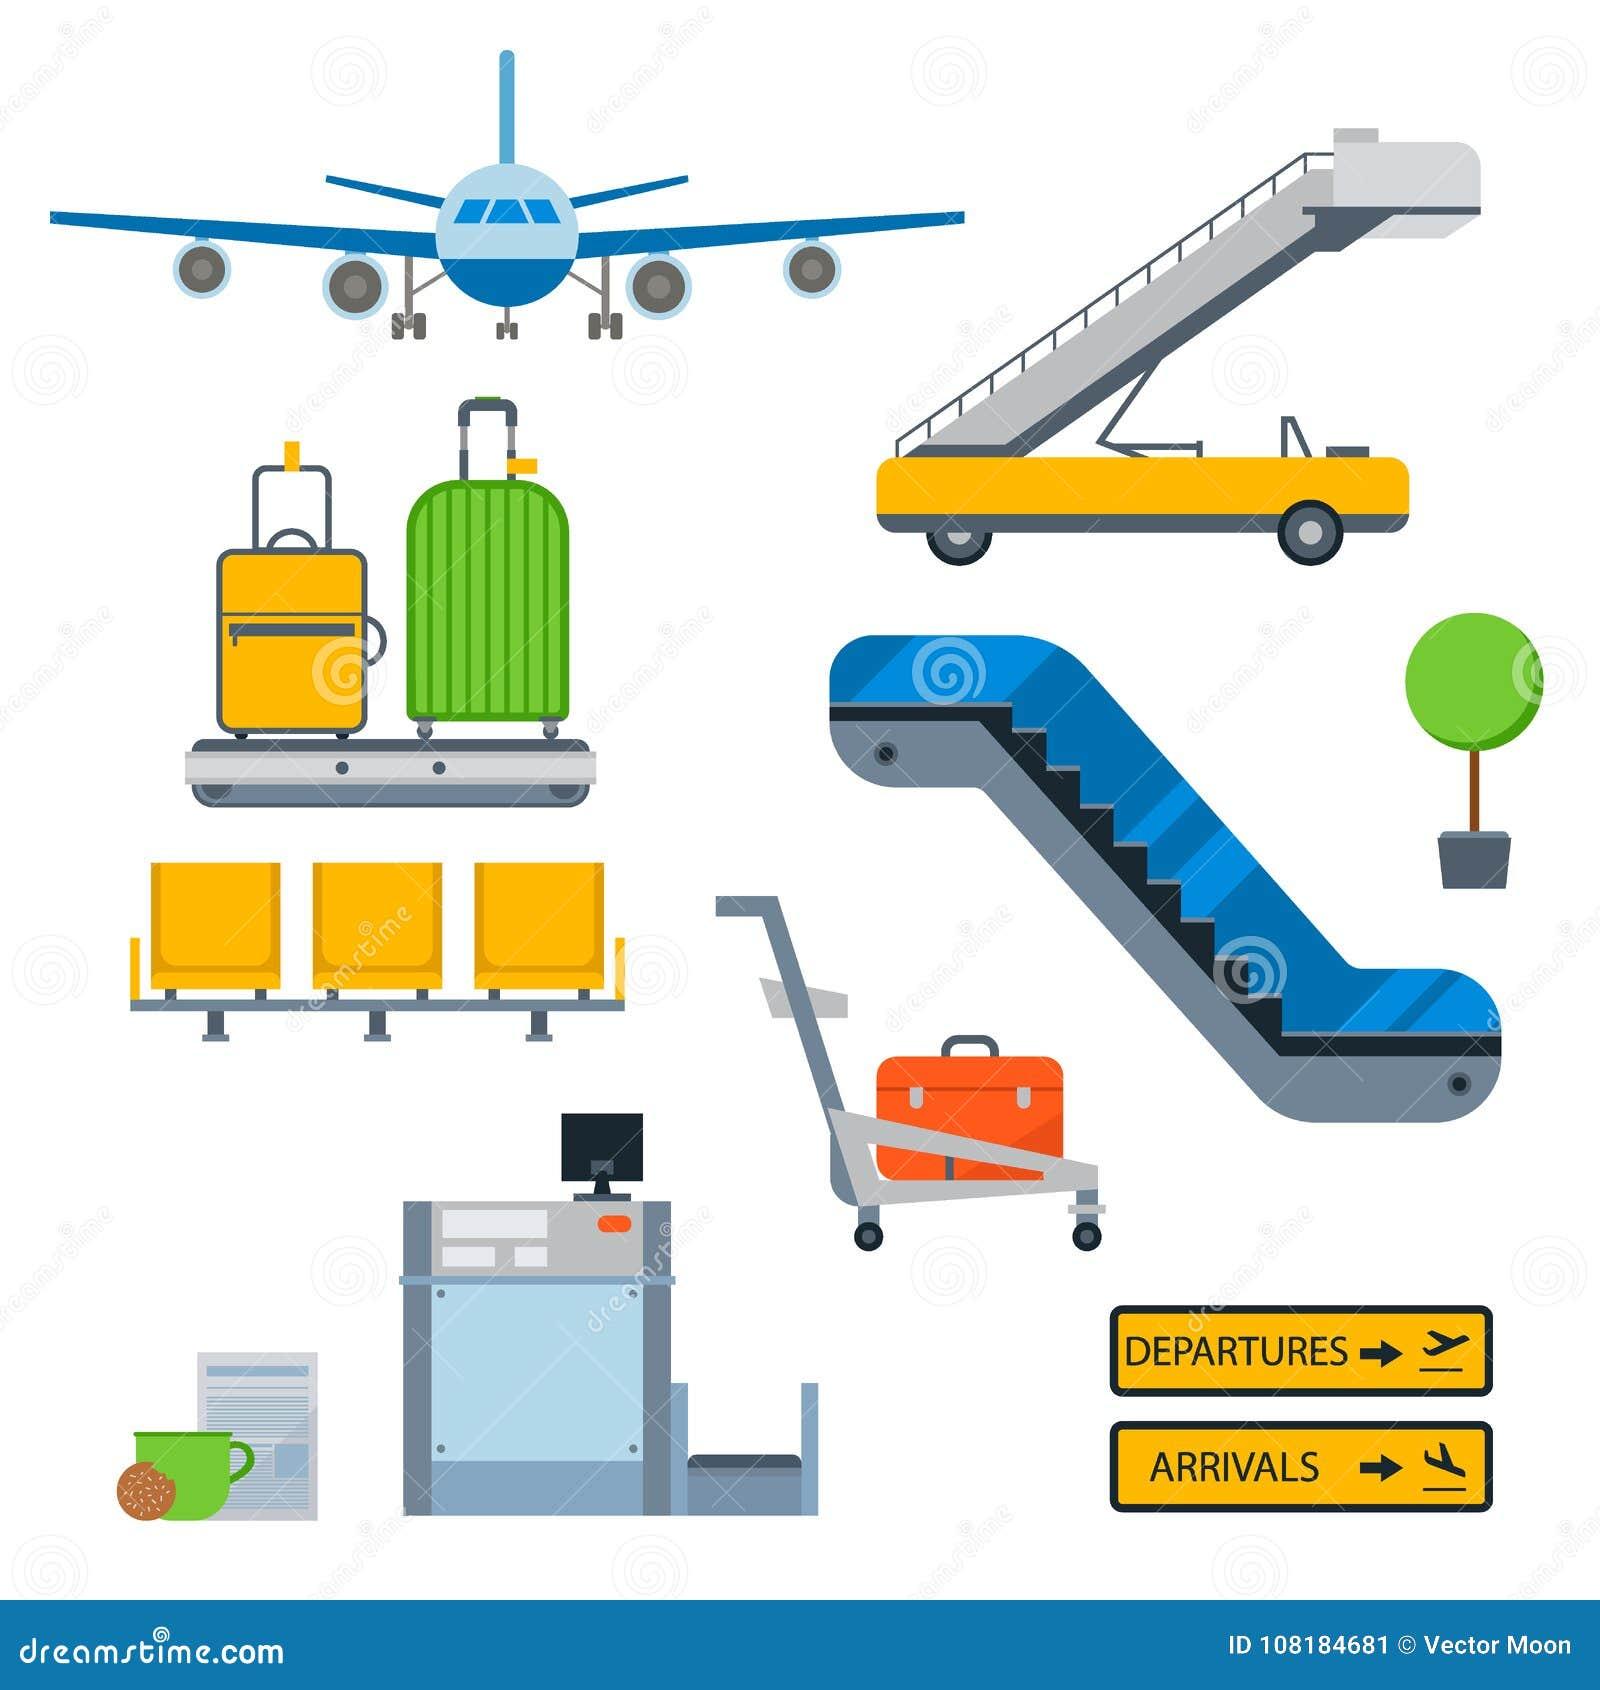 Ilustrao grfica do smbolo do curso da mosca do transporte de download ilustrao grfica do smbolo do curso da mosca do transporte de aeroporto do avio da ccuart Gallery